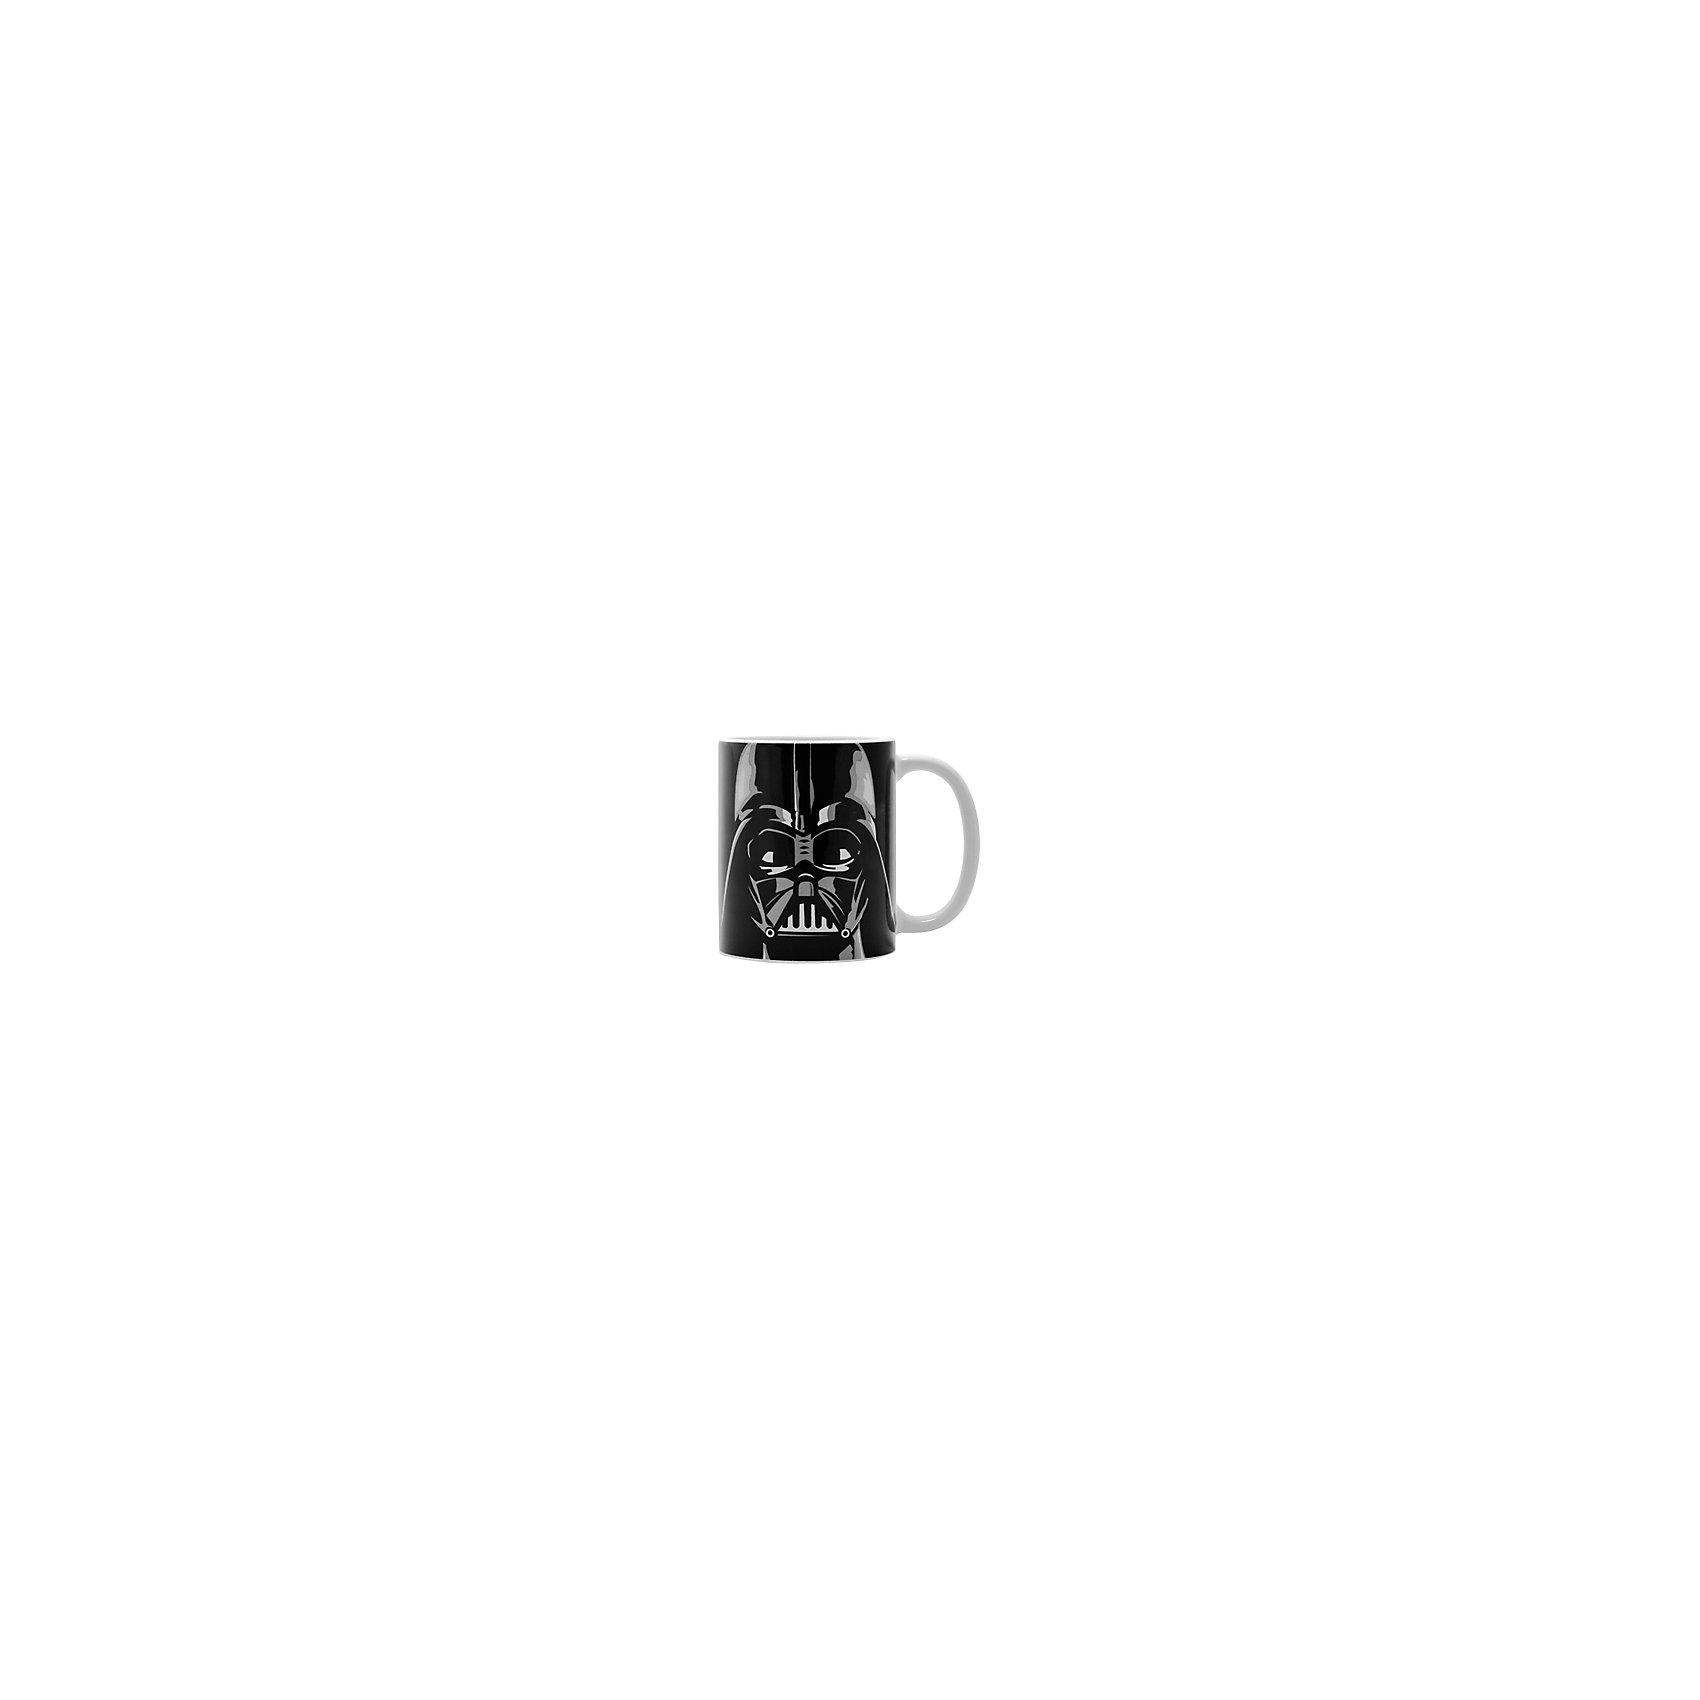 Керамическая кружка Дарт Вейдер 350 мл, Звёздные ВойныКерамическая кружка Дарт Вейдер 350 мл, Звёздные Войны - эта оригинальная кружка станет приятным сюрпризом для Вашего ребенка.<br>Кружка Дарт Вейдер Звездные войны станет отличным подарком для любого фаната знаменитой саги. Она выполнена из керамики и оформлена черно-белым рисунком со стилизованным изображением Дарта Вейдера. Большая ручка обеспечит удобство использования. Подходит для использования в посудомоечной машине и СВЧ-печи.<br><br>Дополнительная информация:<br><br>- Материал: керамика<br>- Объем: 350 мл.<br>- Высота: 10 см.<br>- Диаметр: 8 см.<br><br>Керамическую кружку Дарт Вейдер 350 мл, Звёздные Войны можно купить в нашем интернет-магазине.<br><br>Ширина мм: 120<br>Глубина мм: 82<br>Высота мм: 98<br>Вес г: 330<br>Возраст от месяцев: 36<br>Возраст до месяцев: 144<br>Пол: Унисекс<br>Возраст: Детский<br>SKU: 4603886